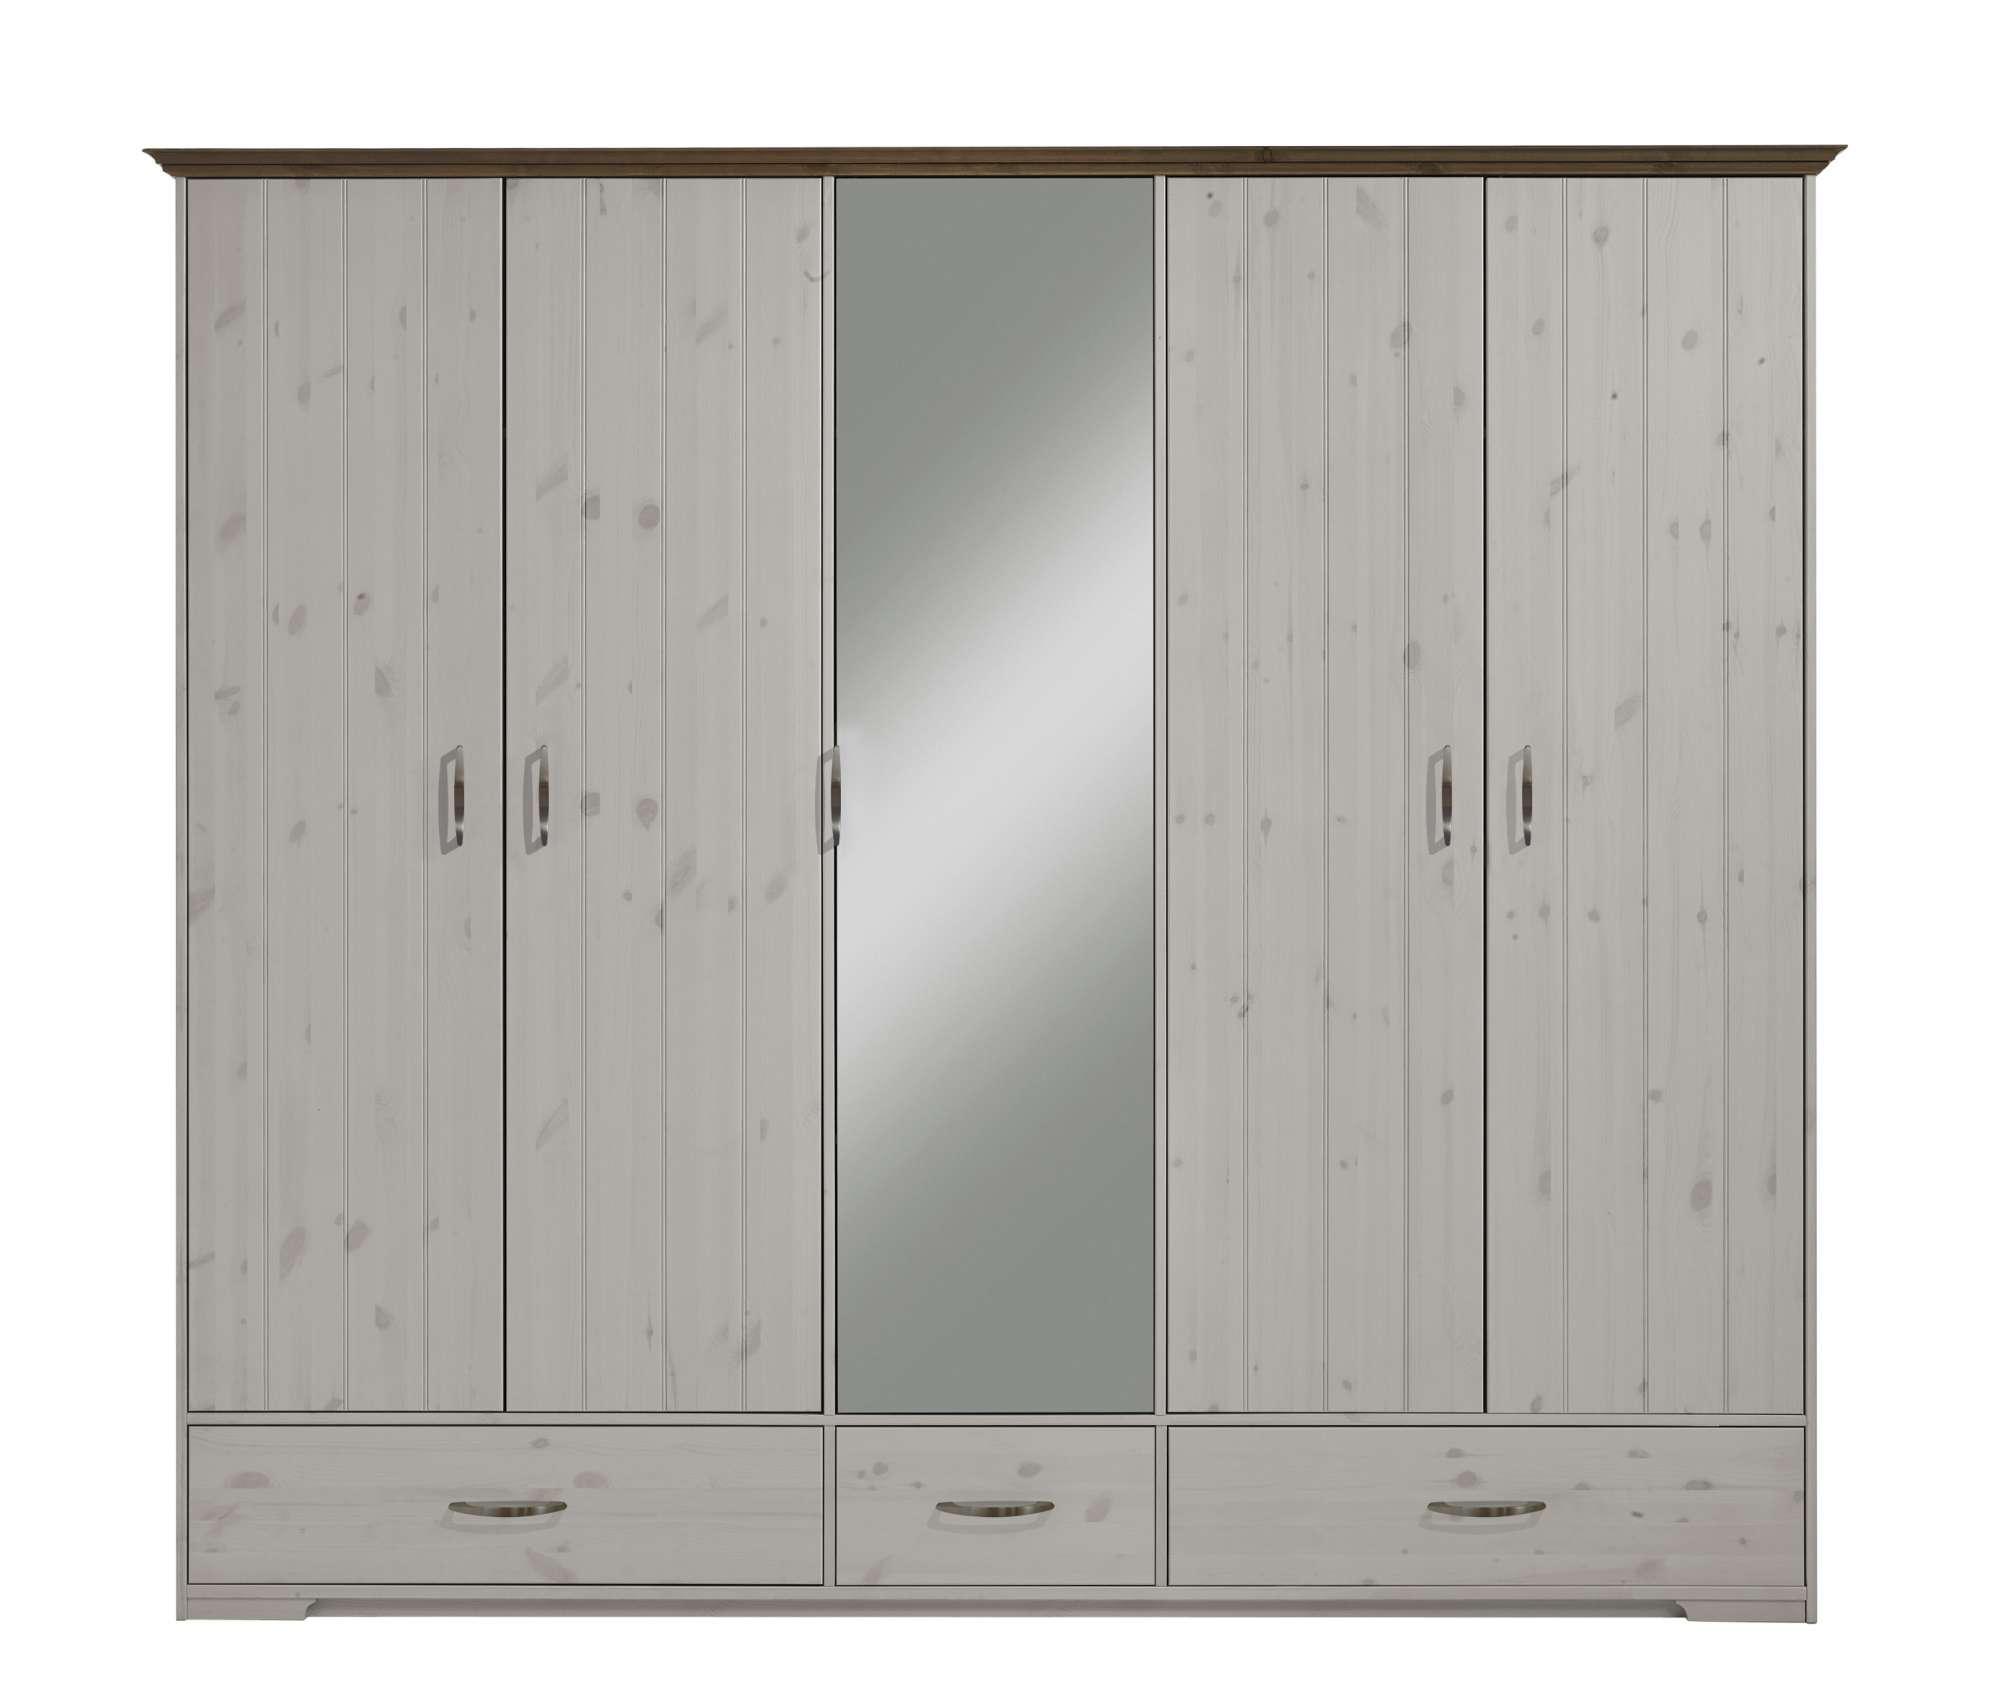 Šatní skříň se zrcadlem Hanstholm 115